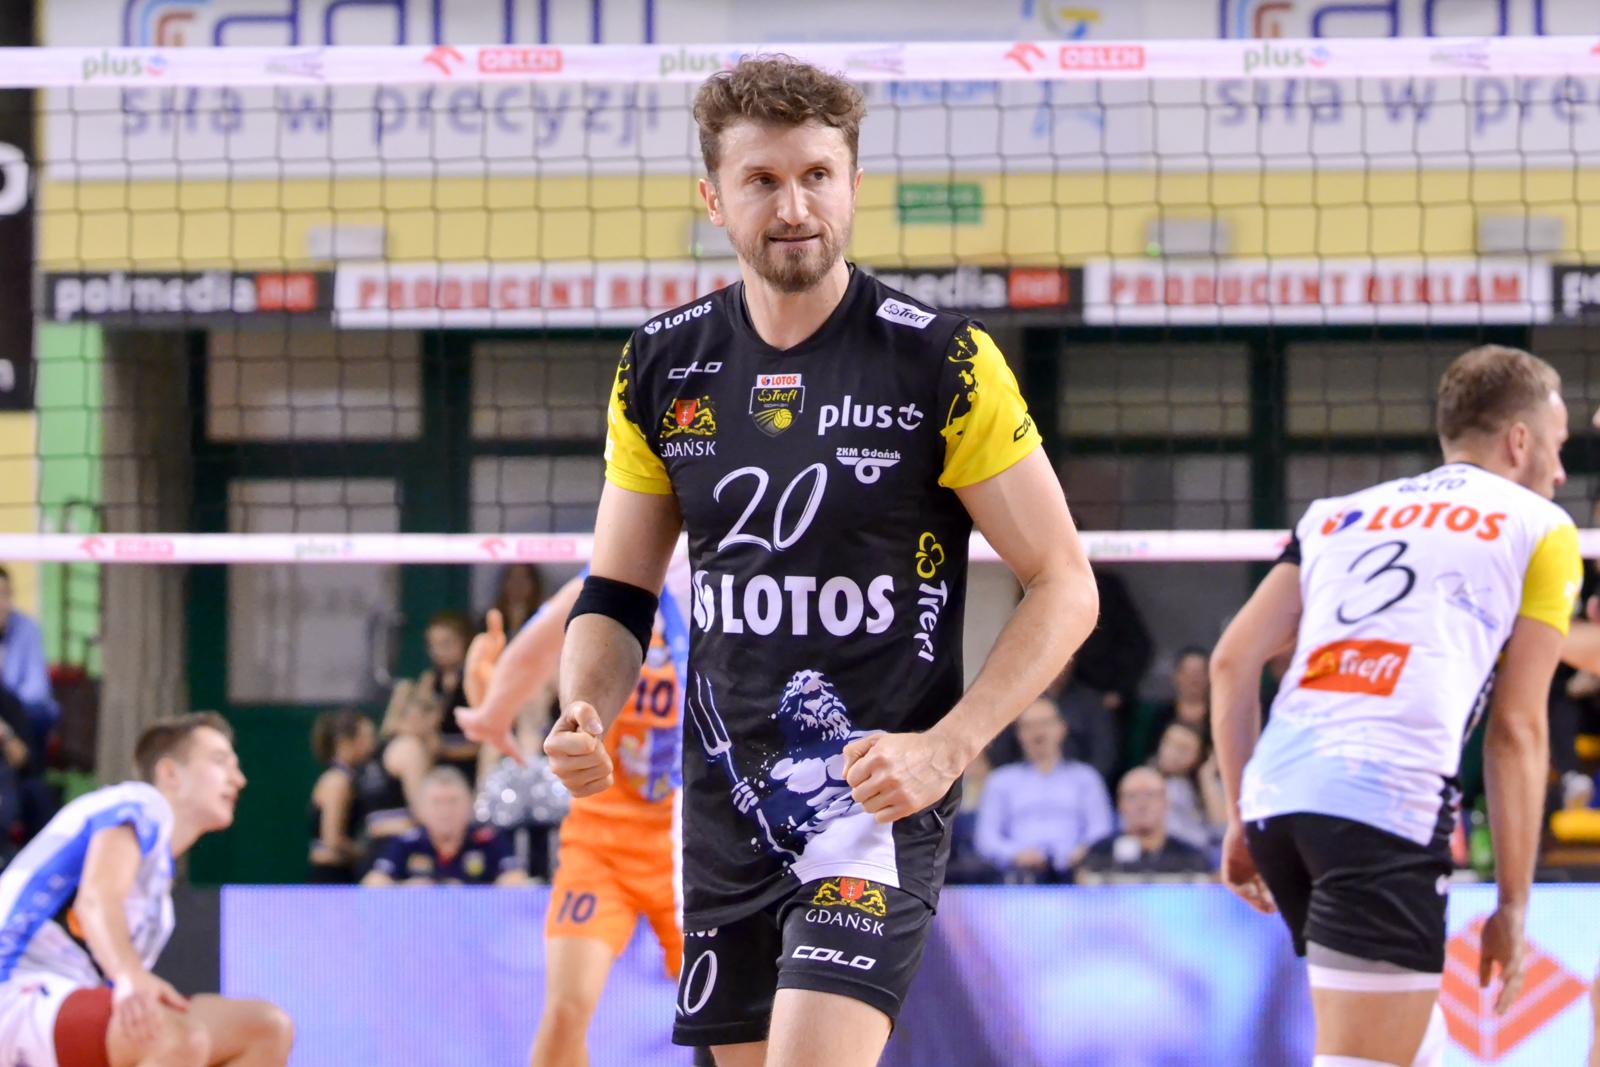 36 - Michał Masny